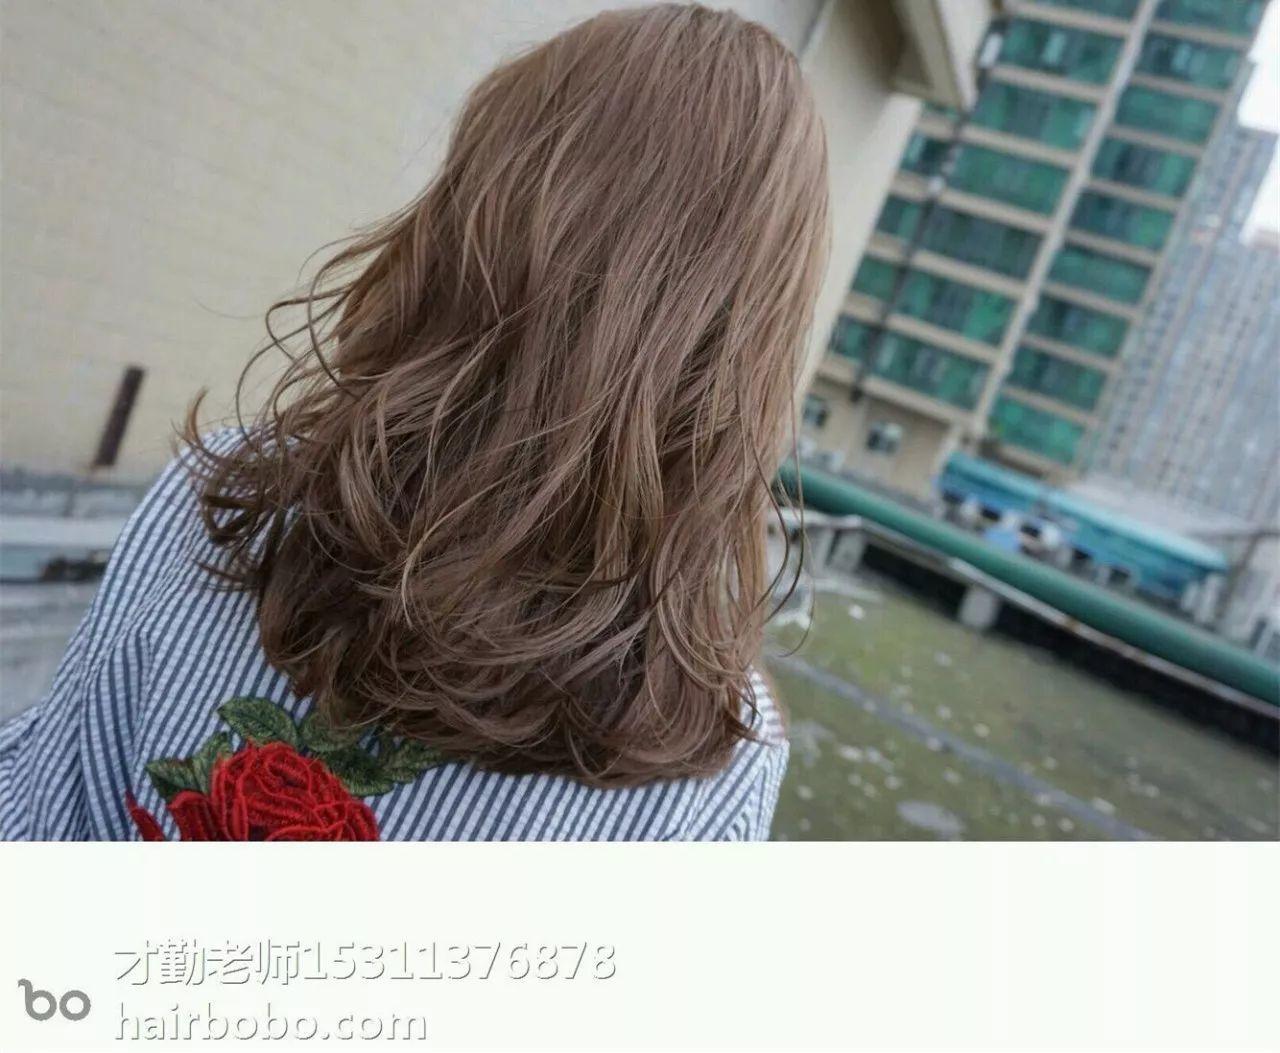 换季新发型!最新烫染造型都在这儿图片